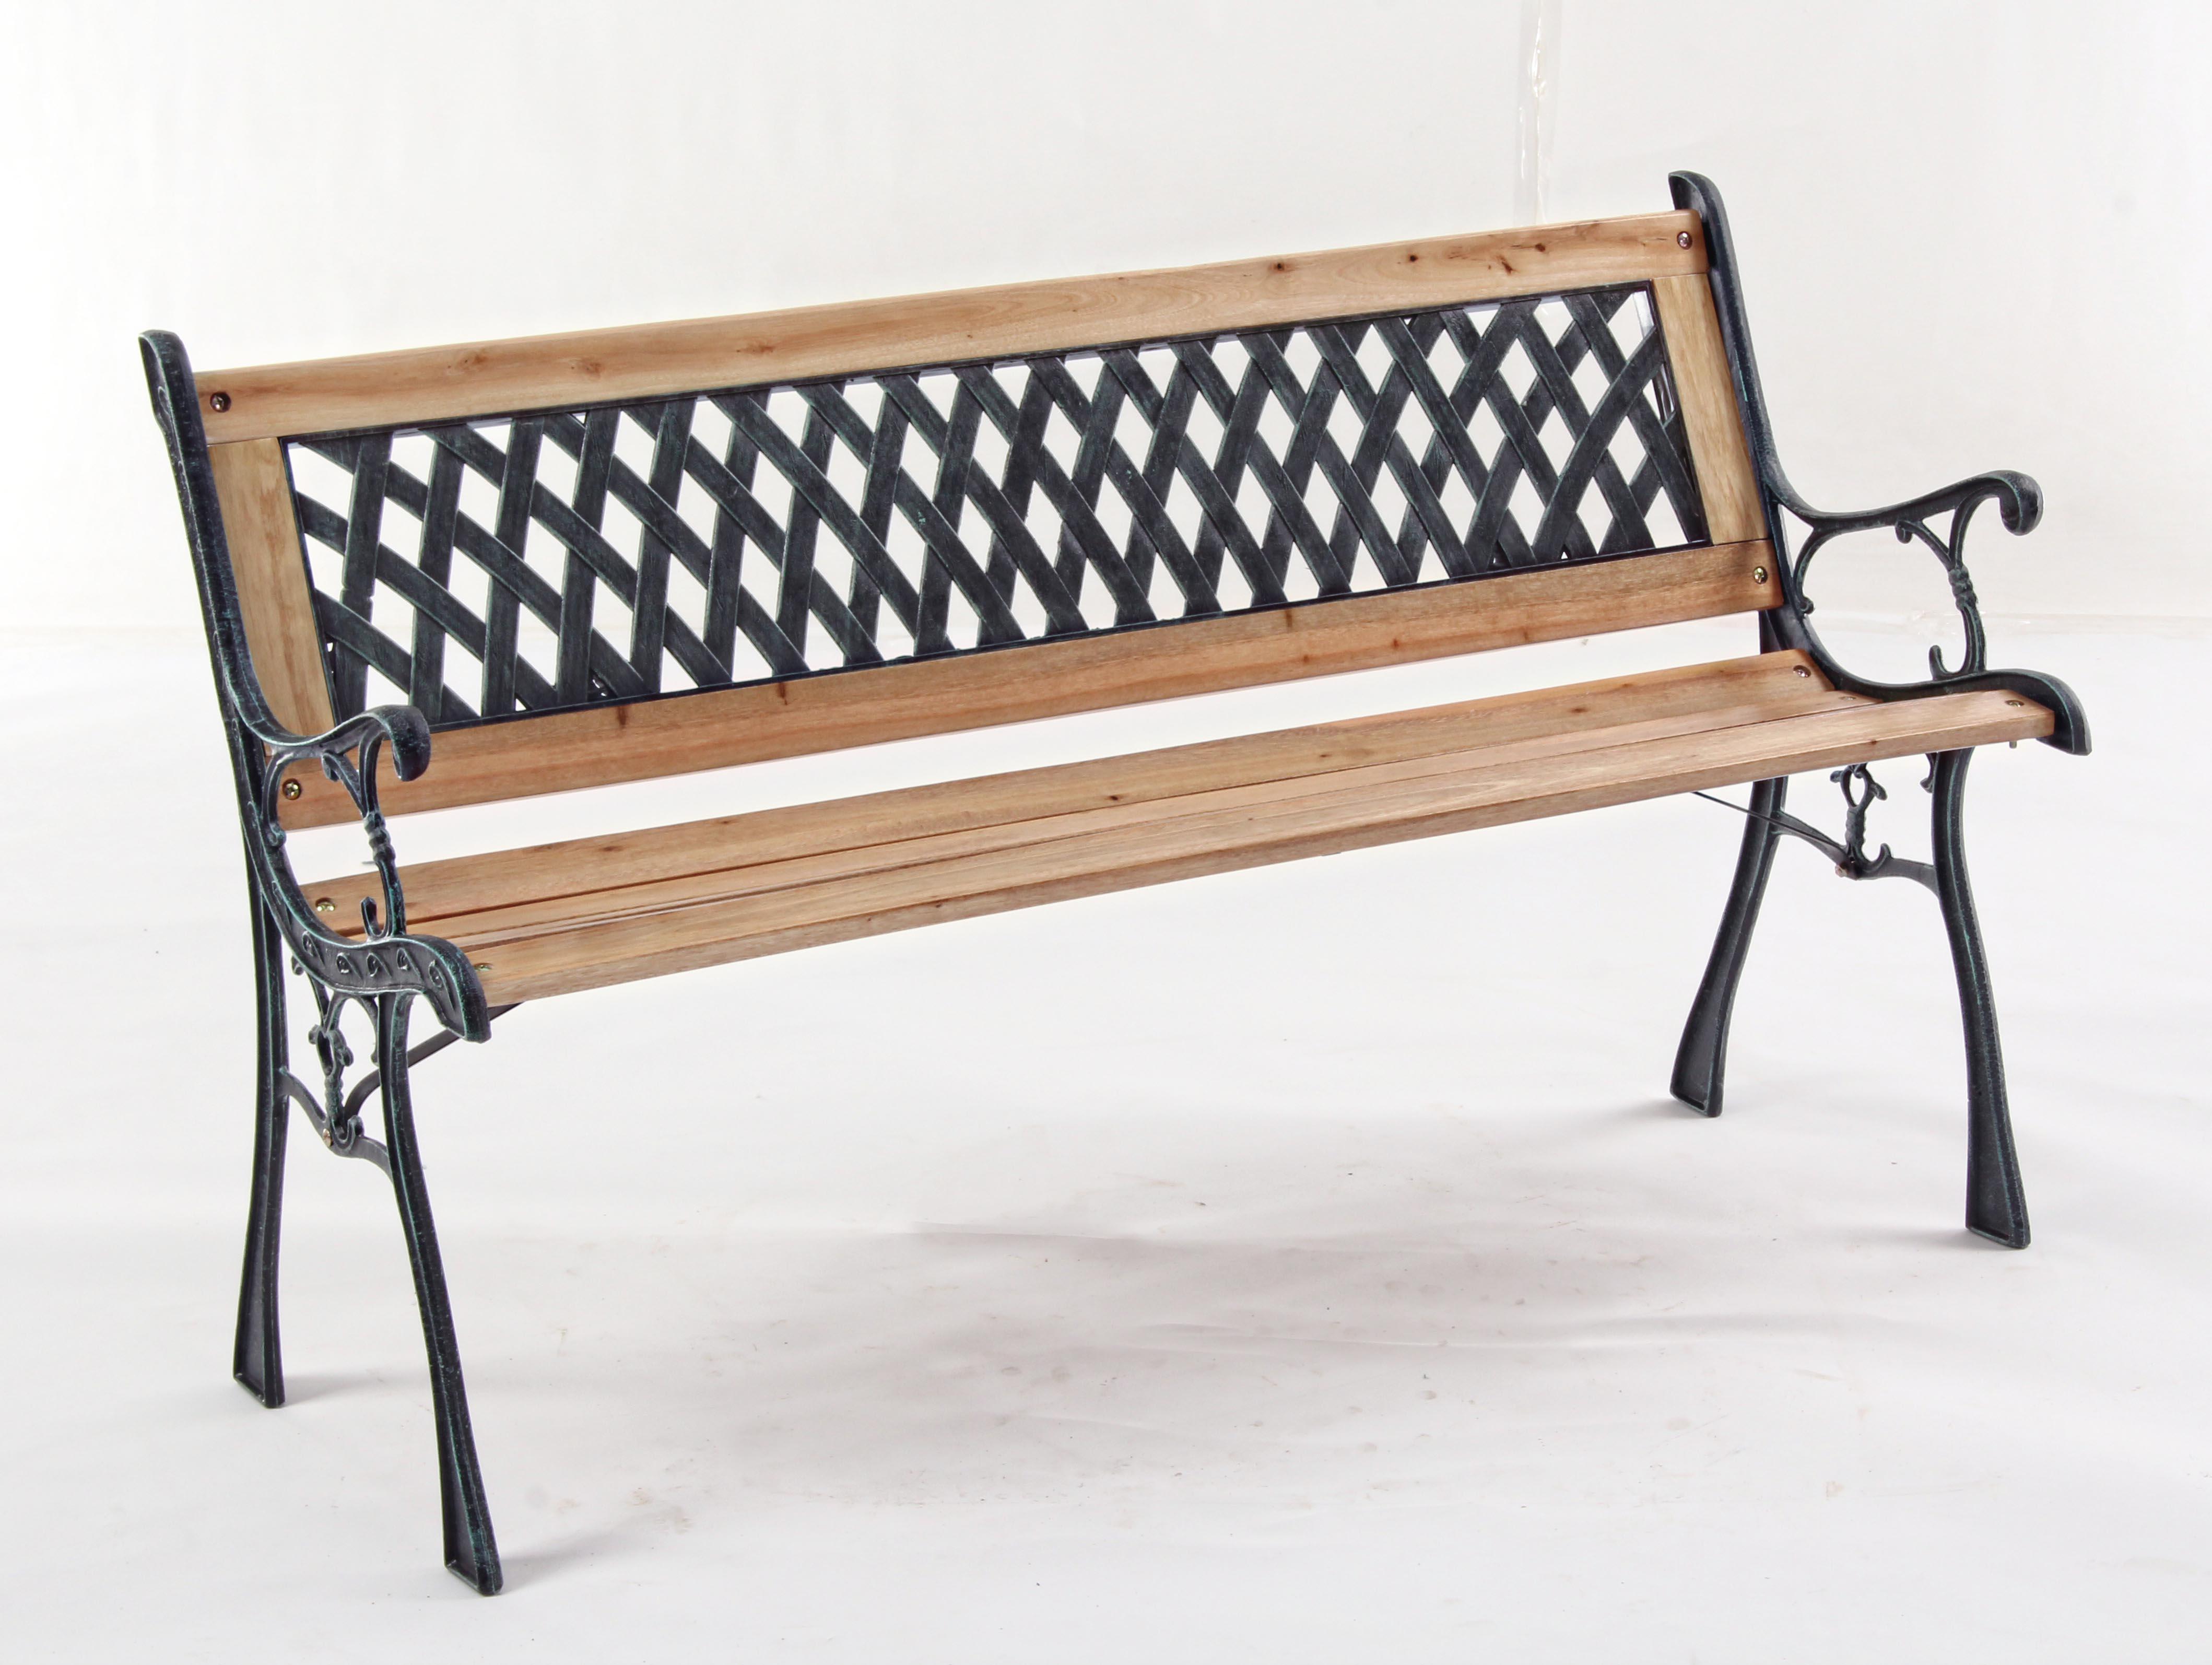 Panche In Ghisa.Dettagli Su Panchina Dafne In Ghisa E Legno Panca Da Giardino Schienale Lavorato 122x57x76h